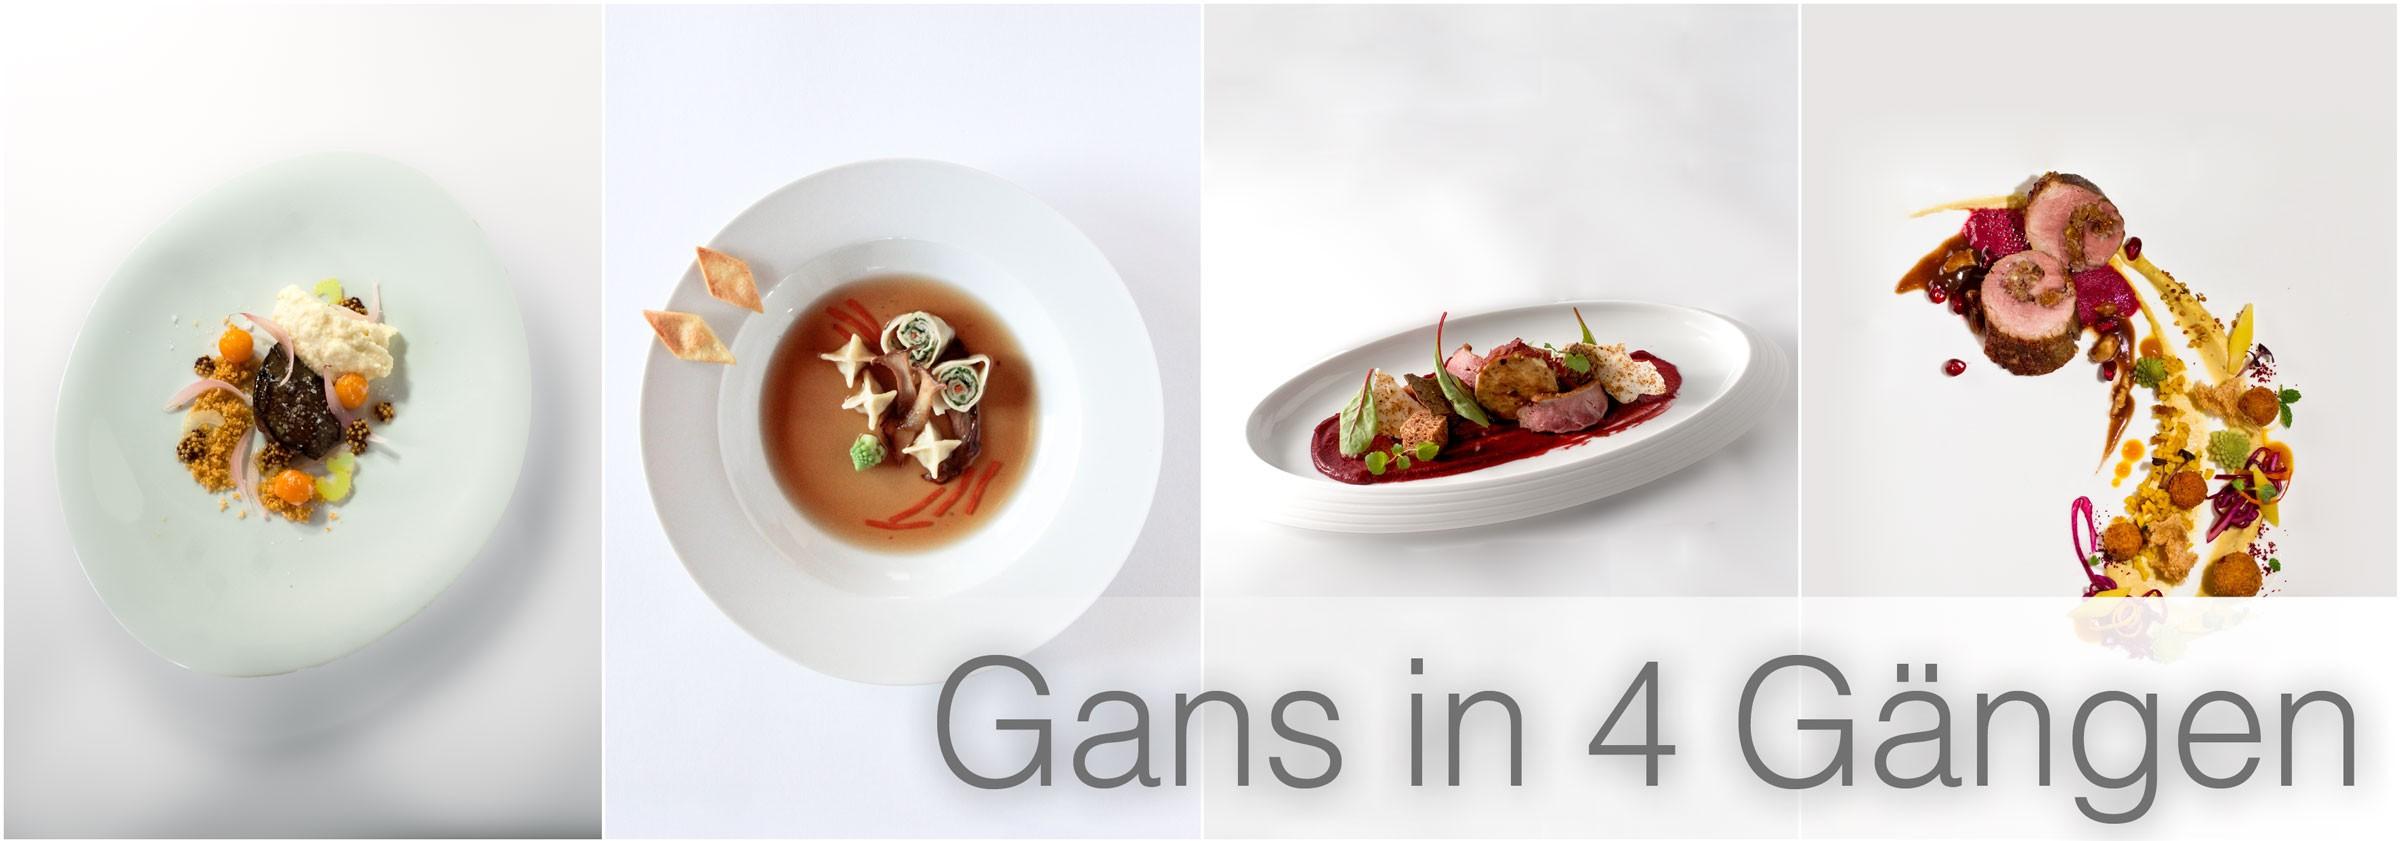 Gans-in-4-Gängen-4